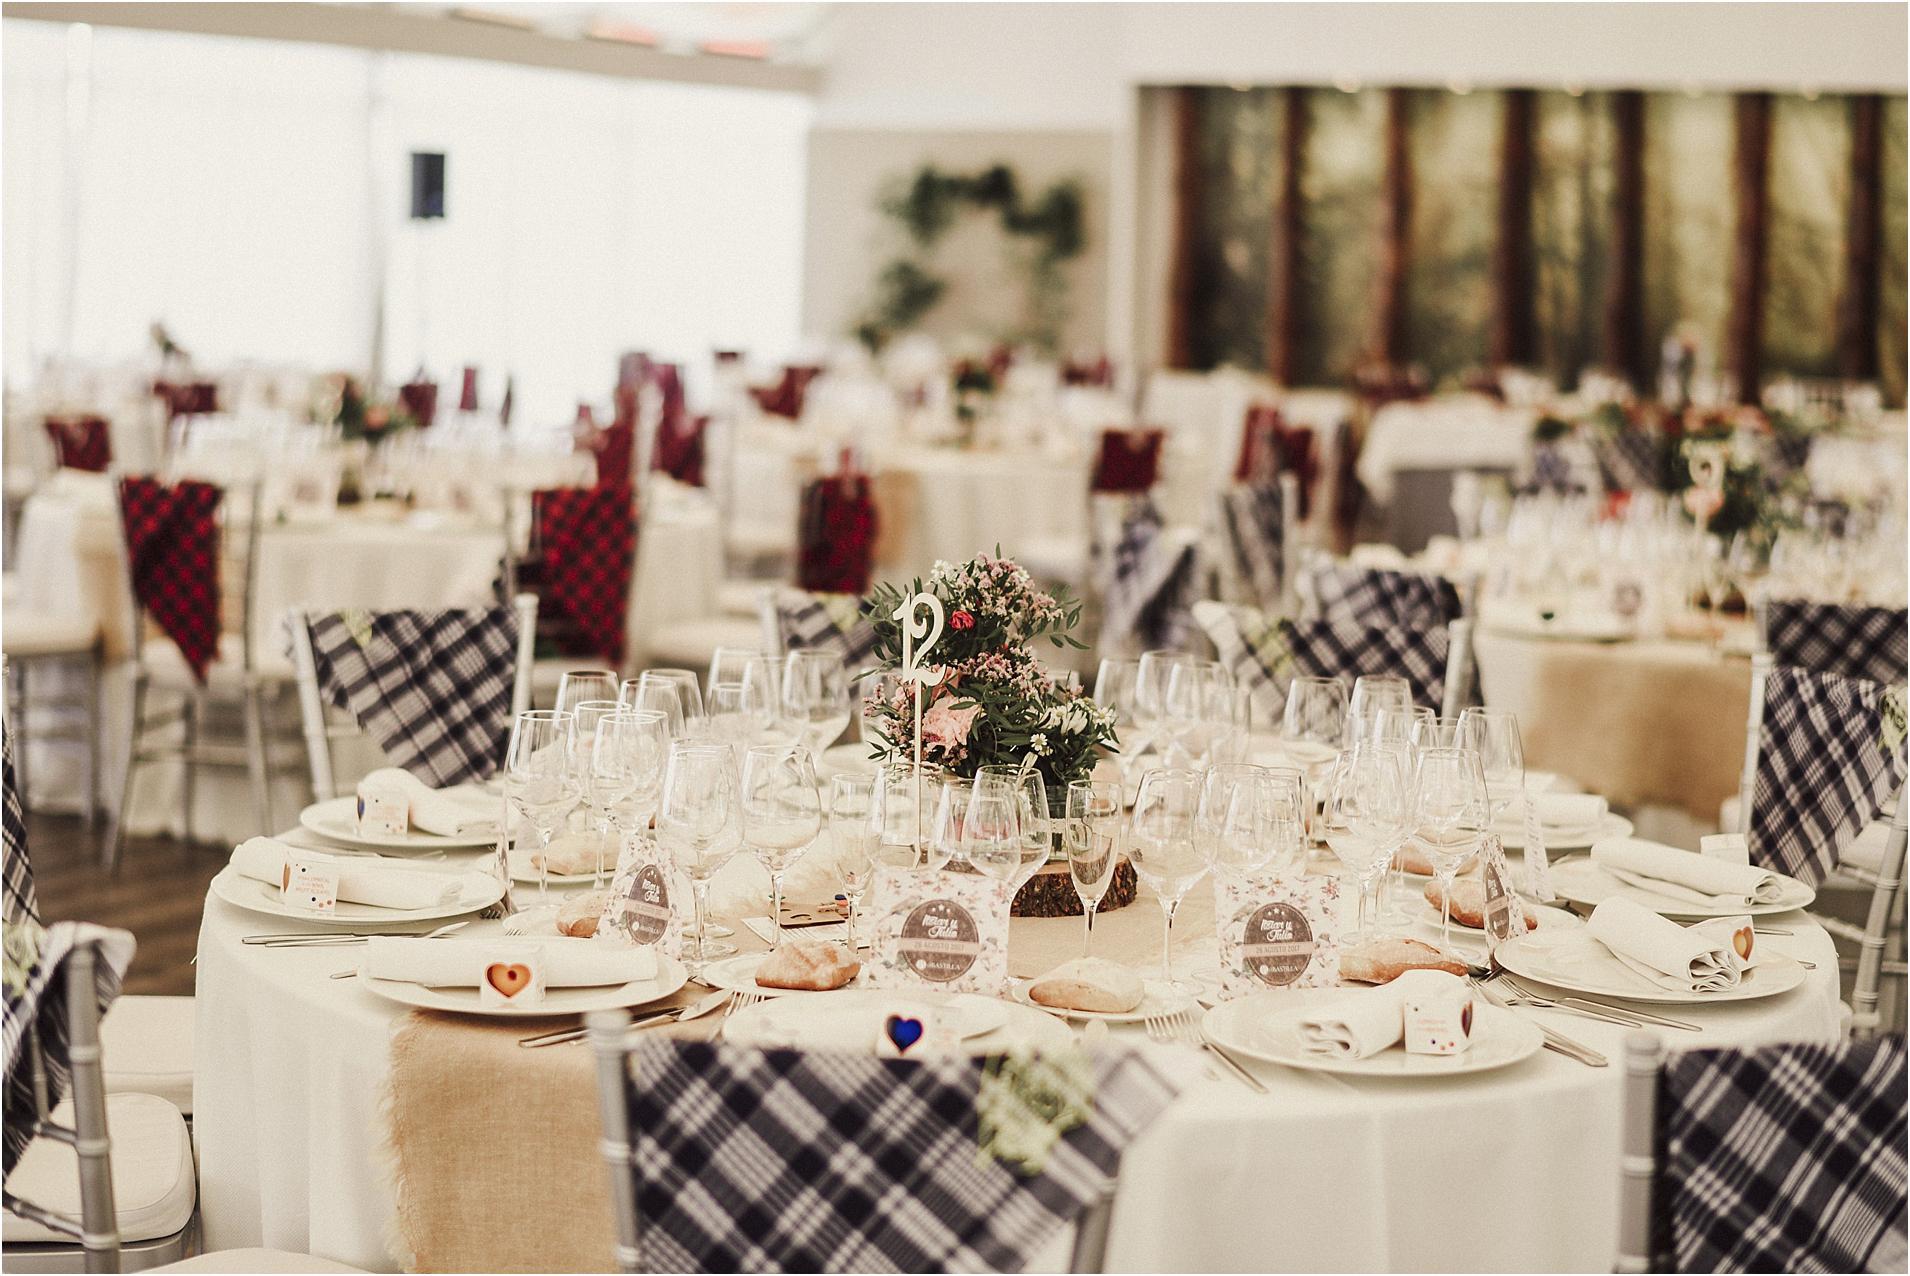 Fotografos-de-boda-donostia-zaragoza-san-sebastian-destination-wedding-photographer-82.jpg